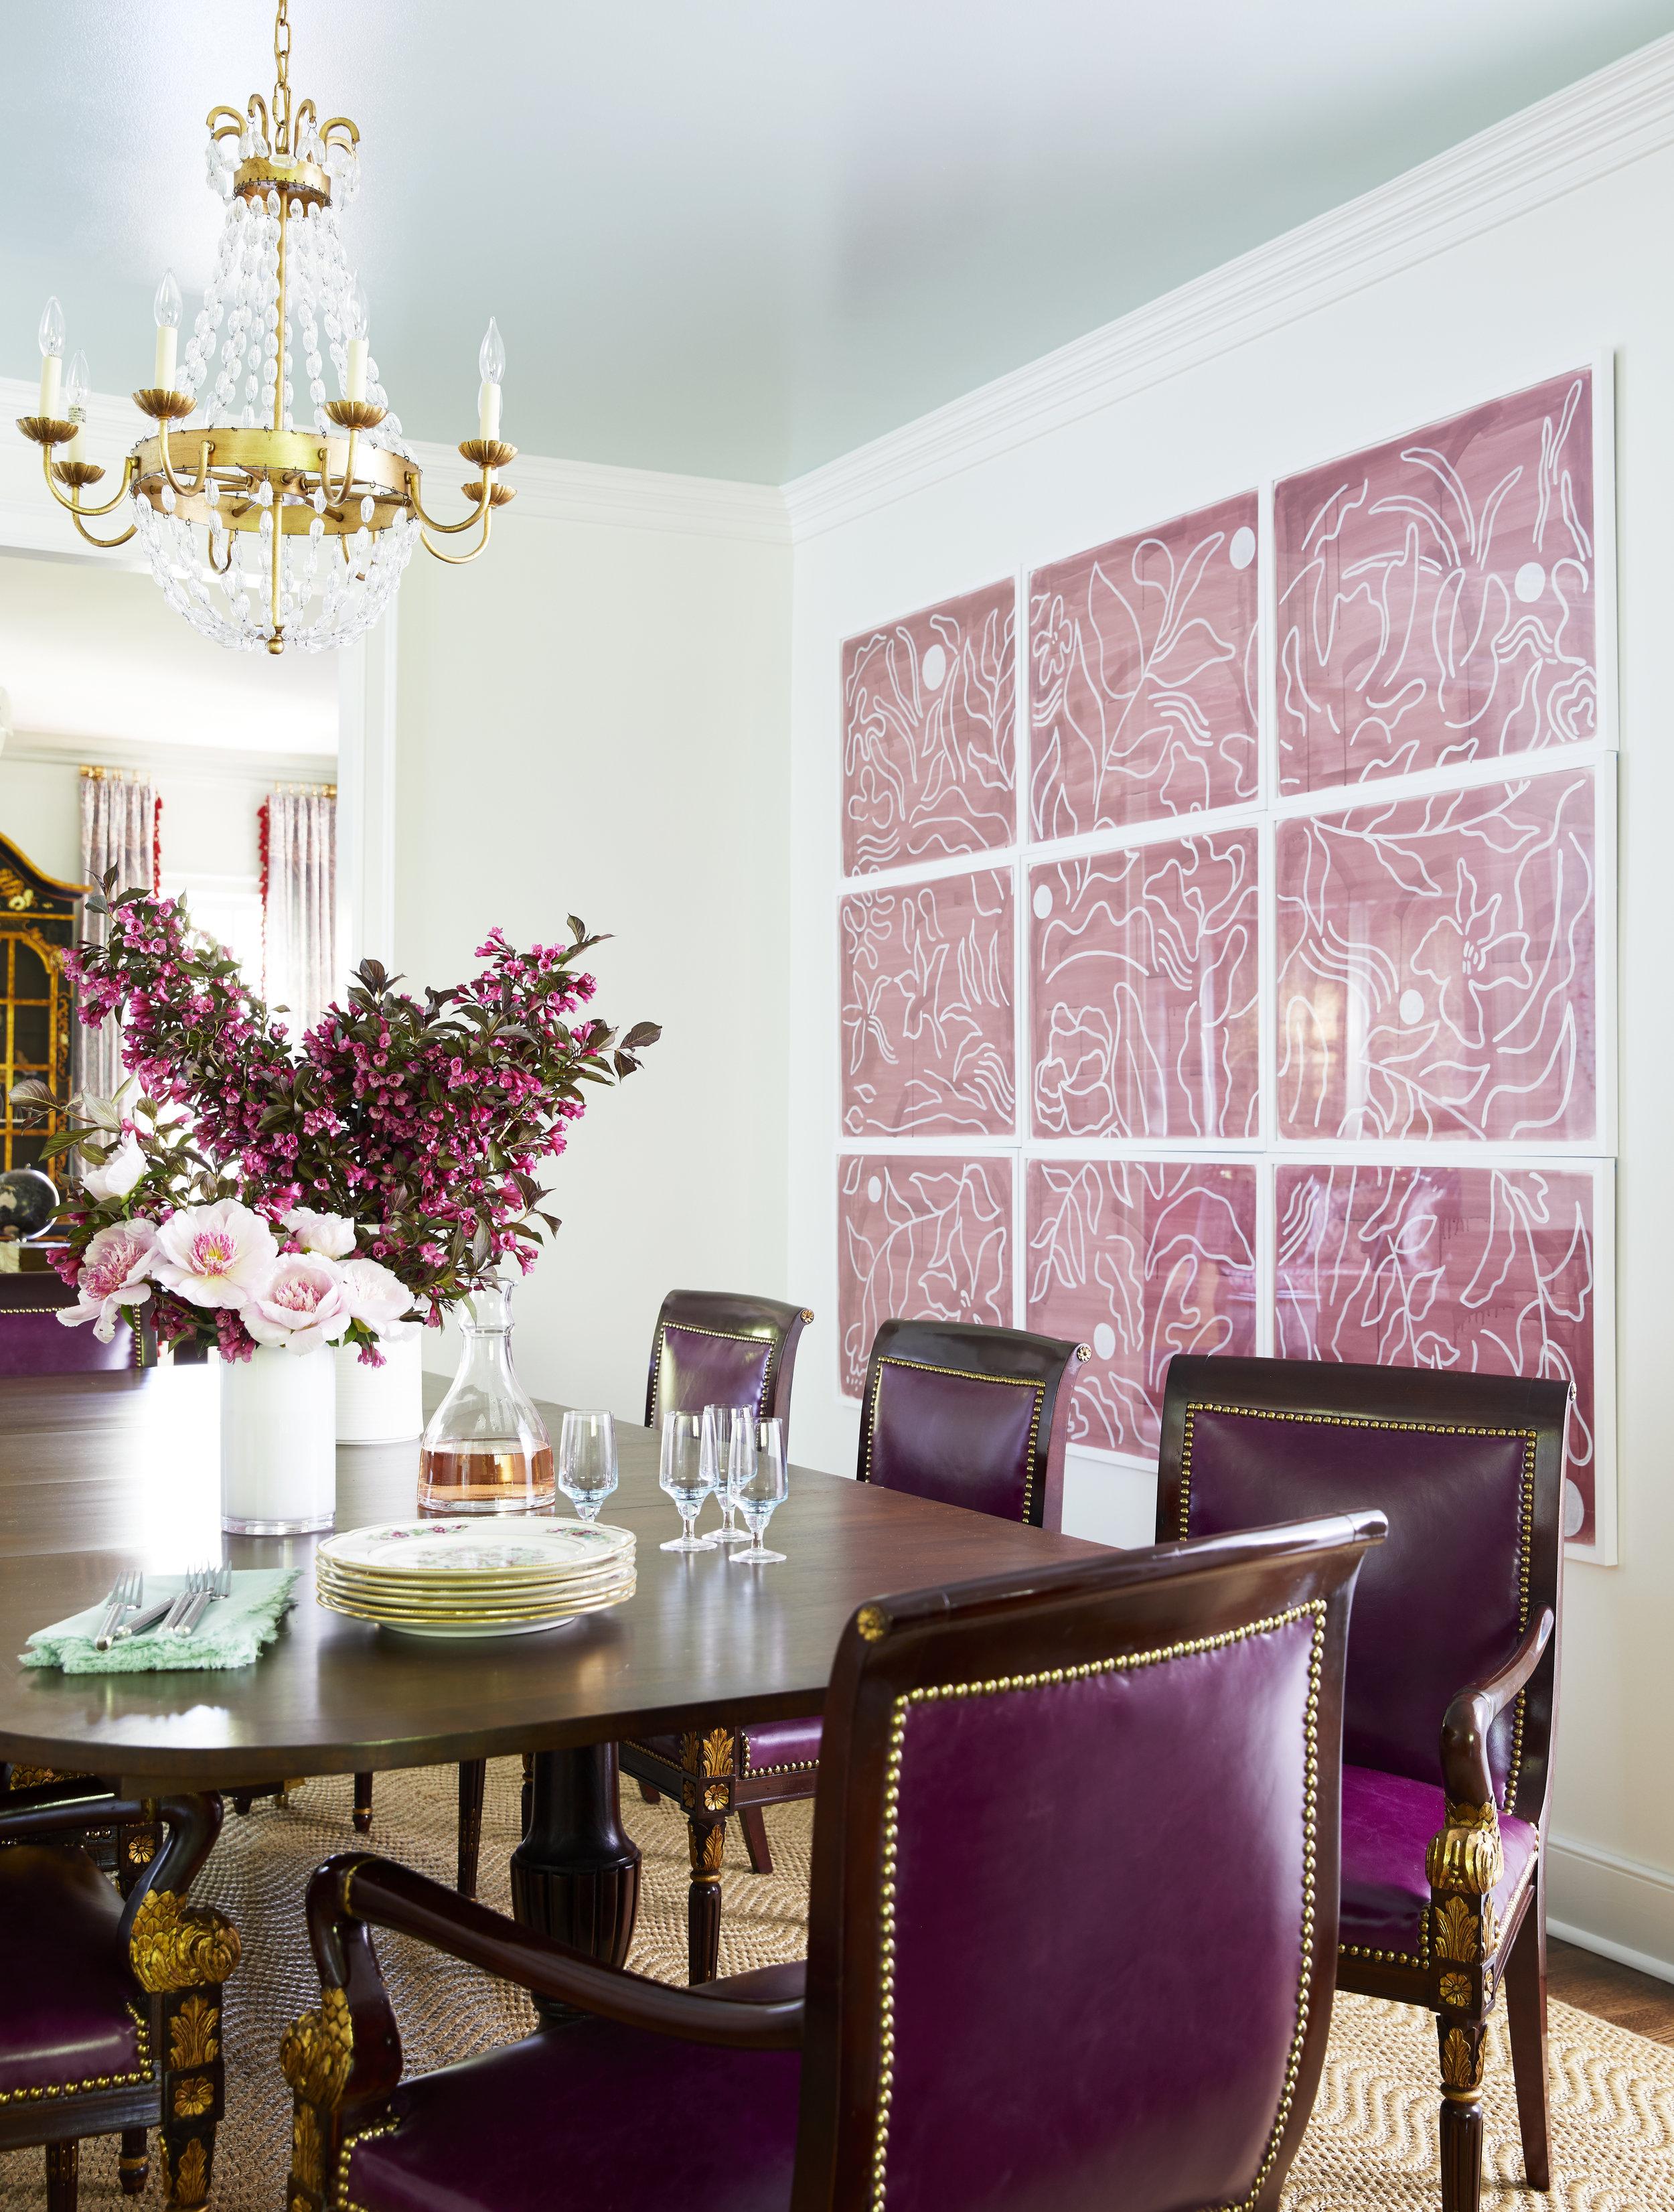 Speace_Dining_Room_2.jpg